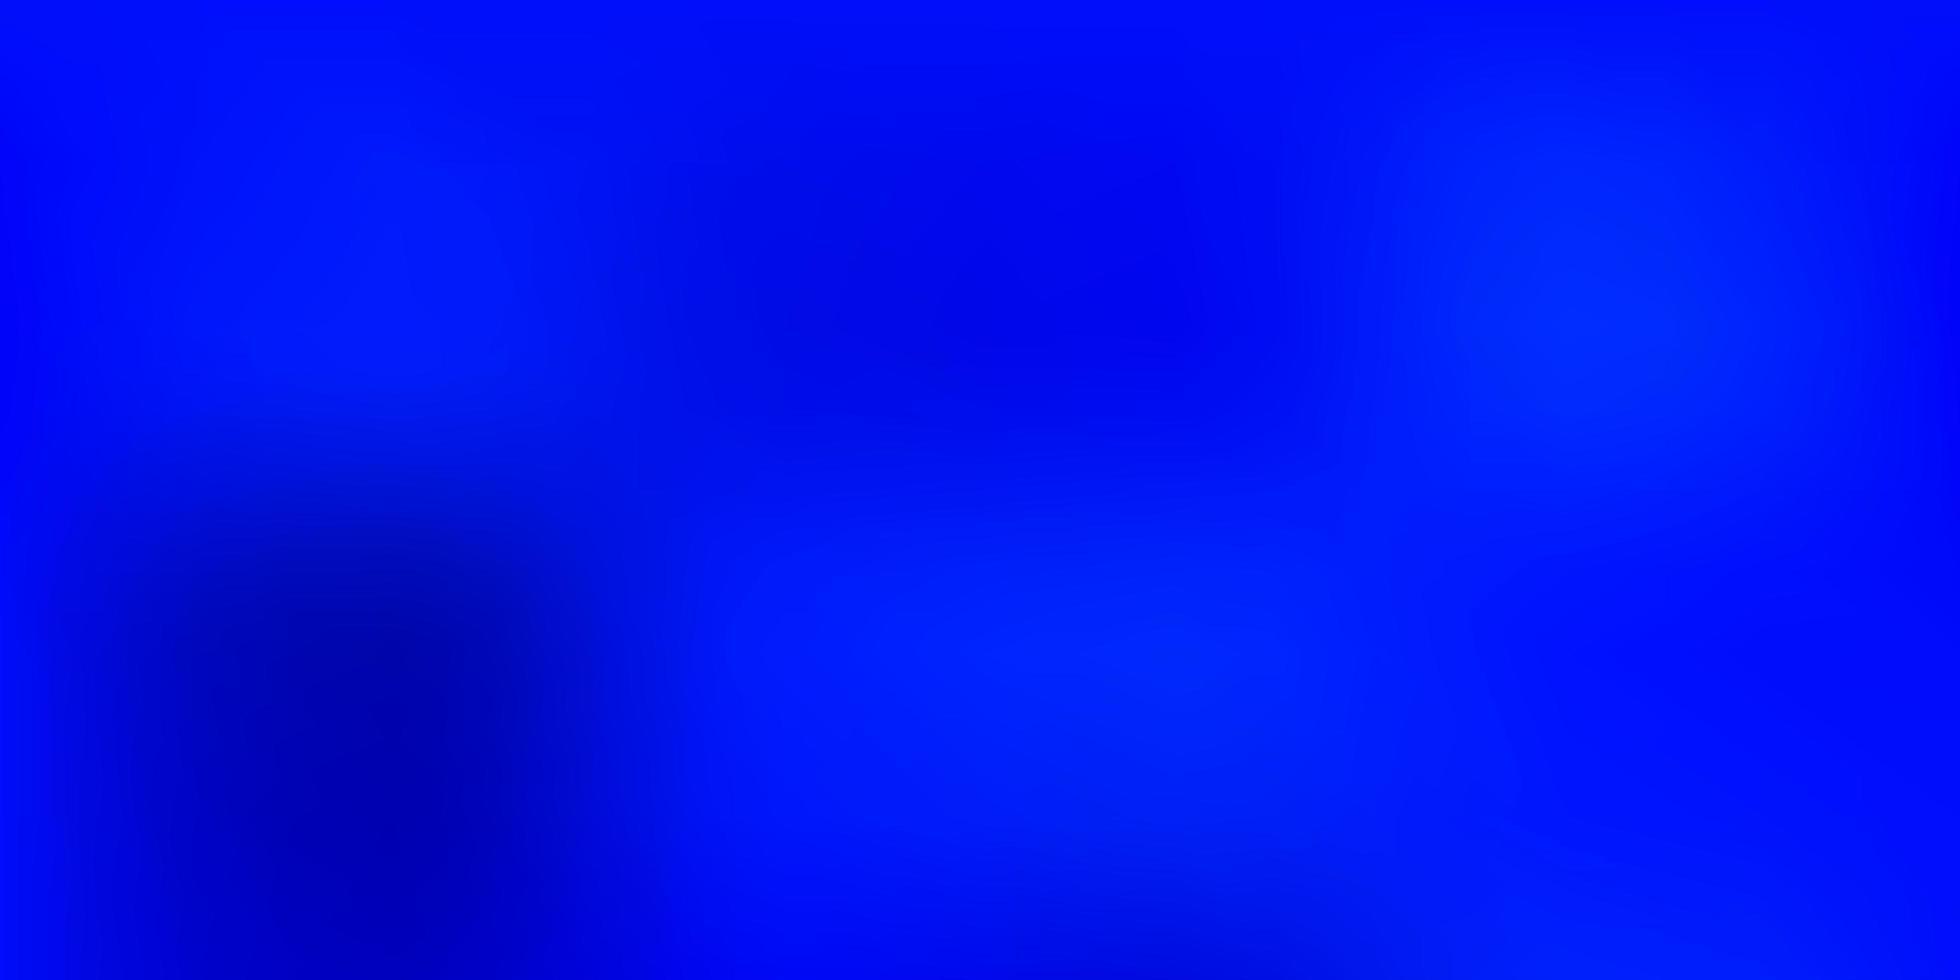 modello di sfocatura vettoriale blu scuro.